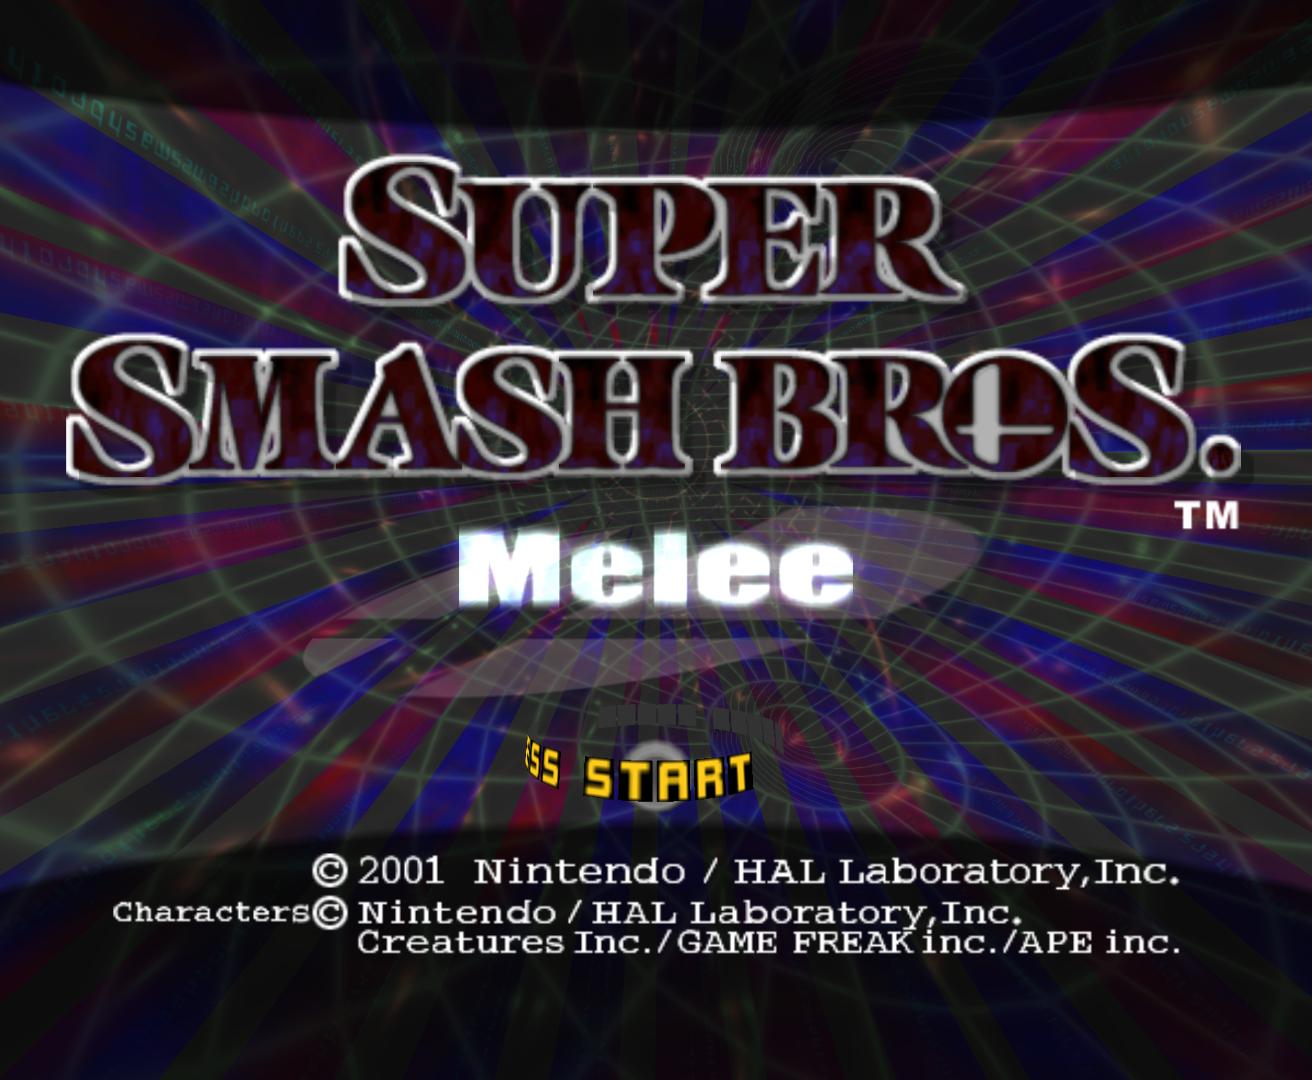 super smash bros  melee details